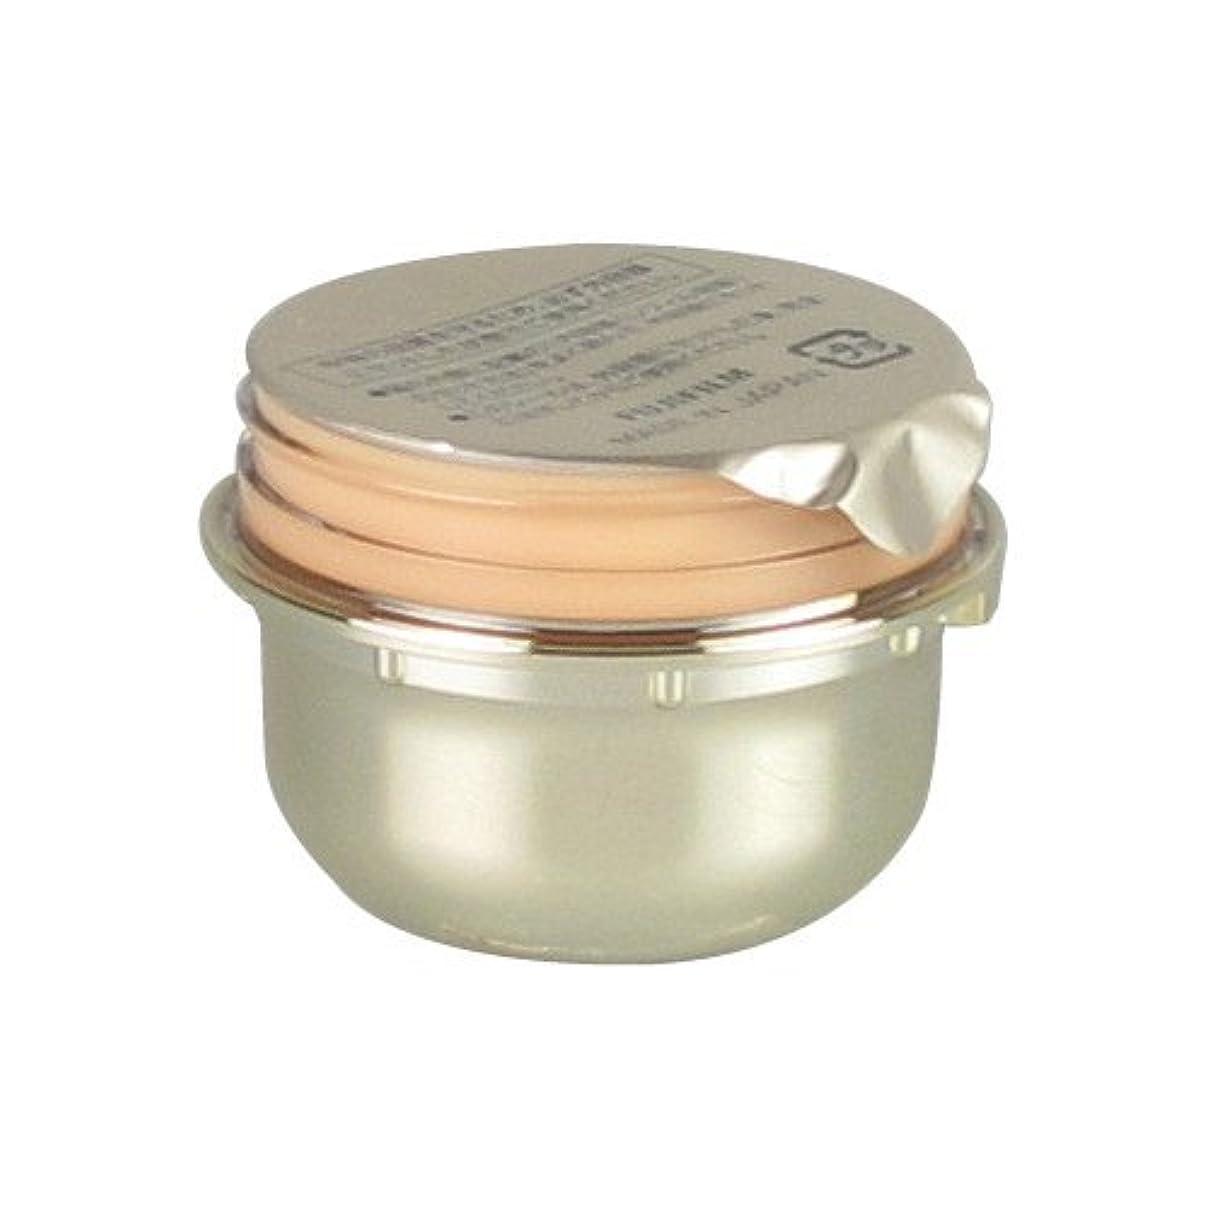 洗剤頭痛クリープアスタリフト ASTALIFT アスタリフト ナイトクリーム (レフィル) 30g [並行輸入品]